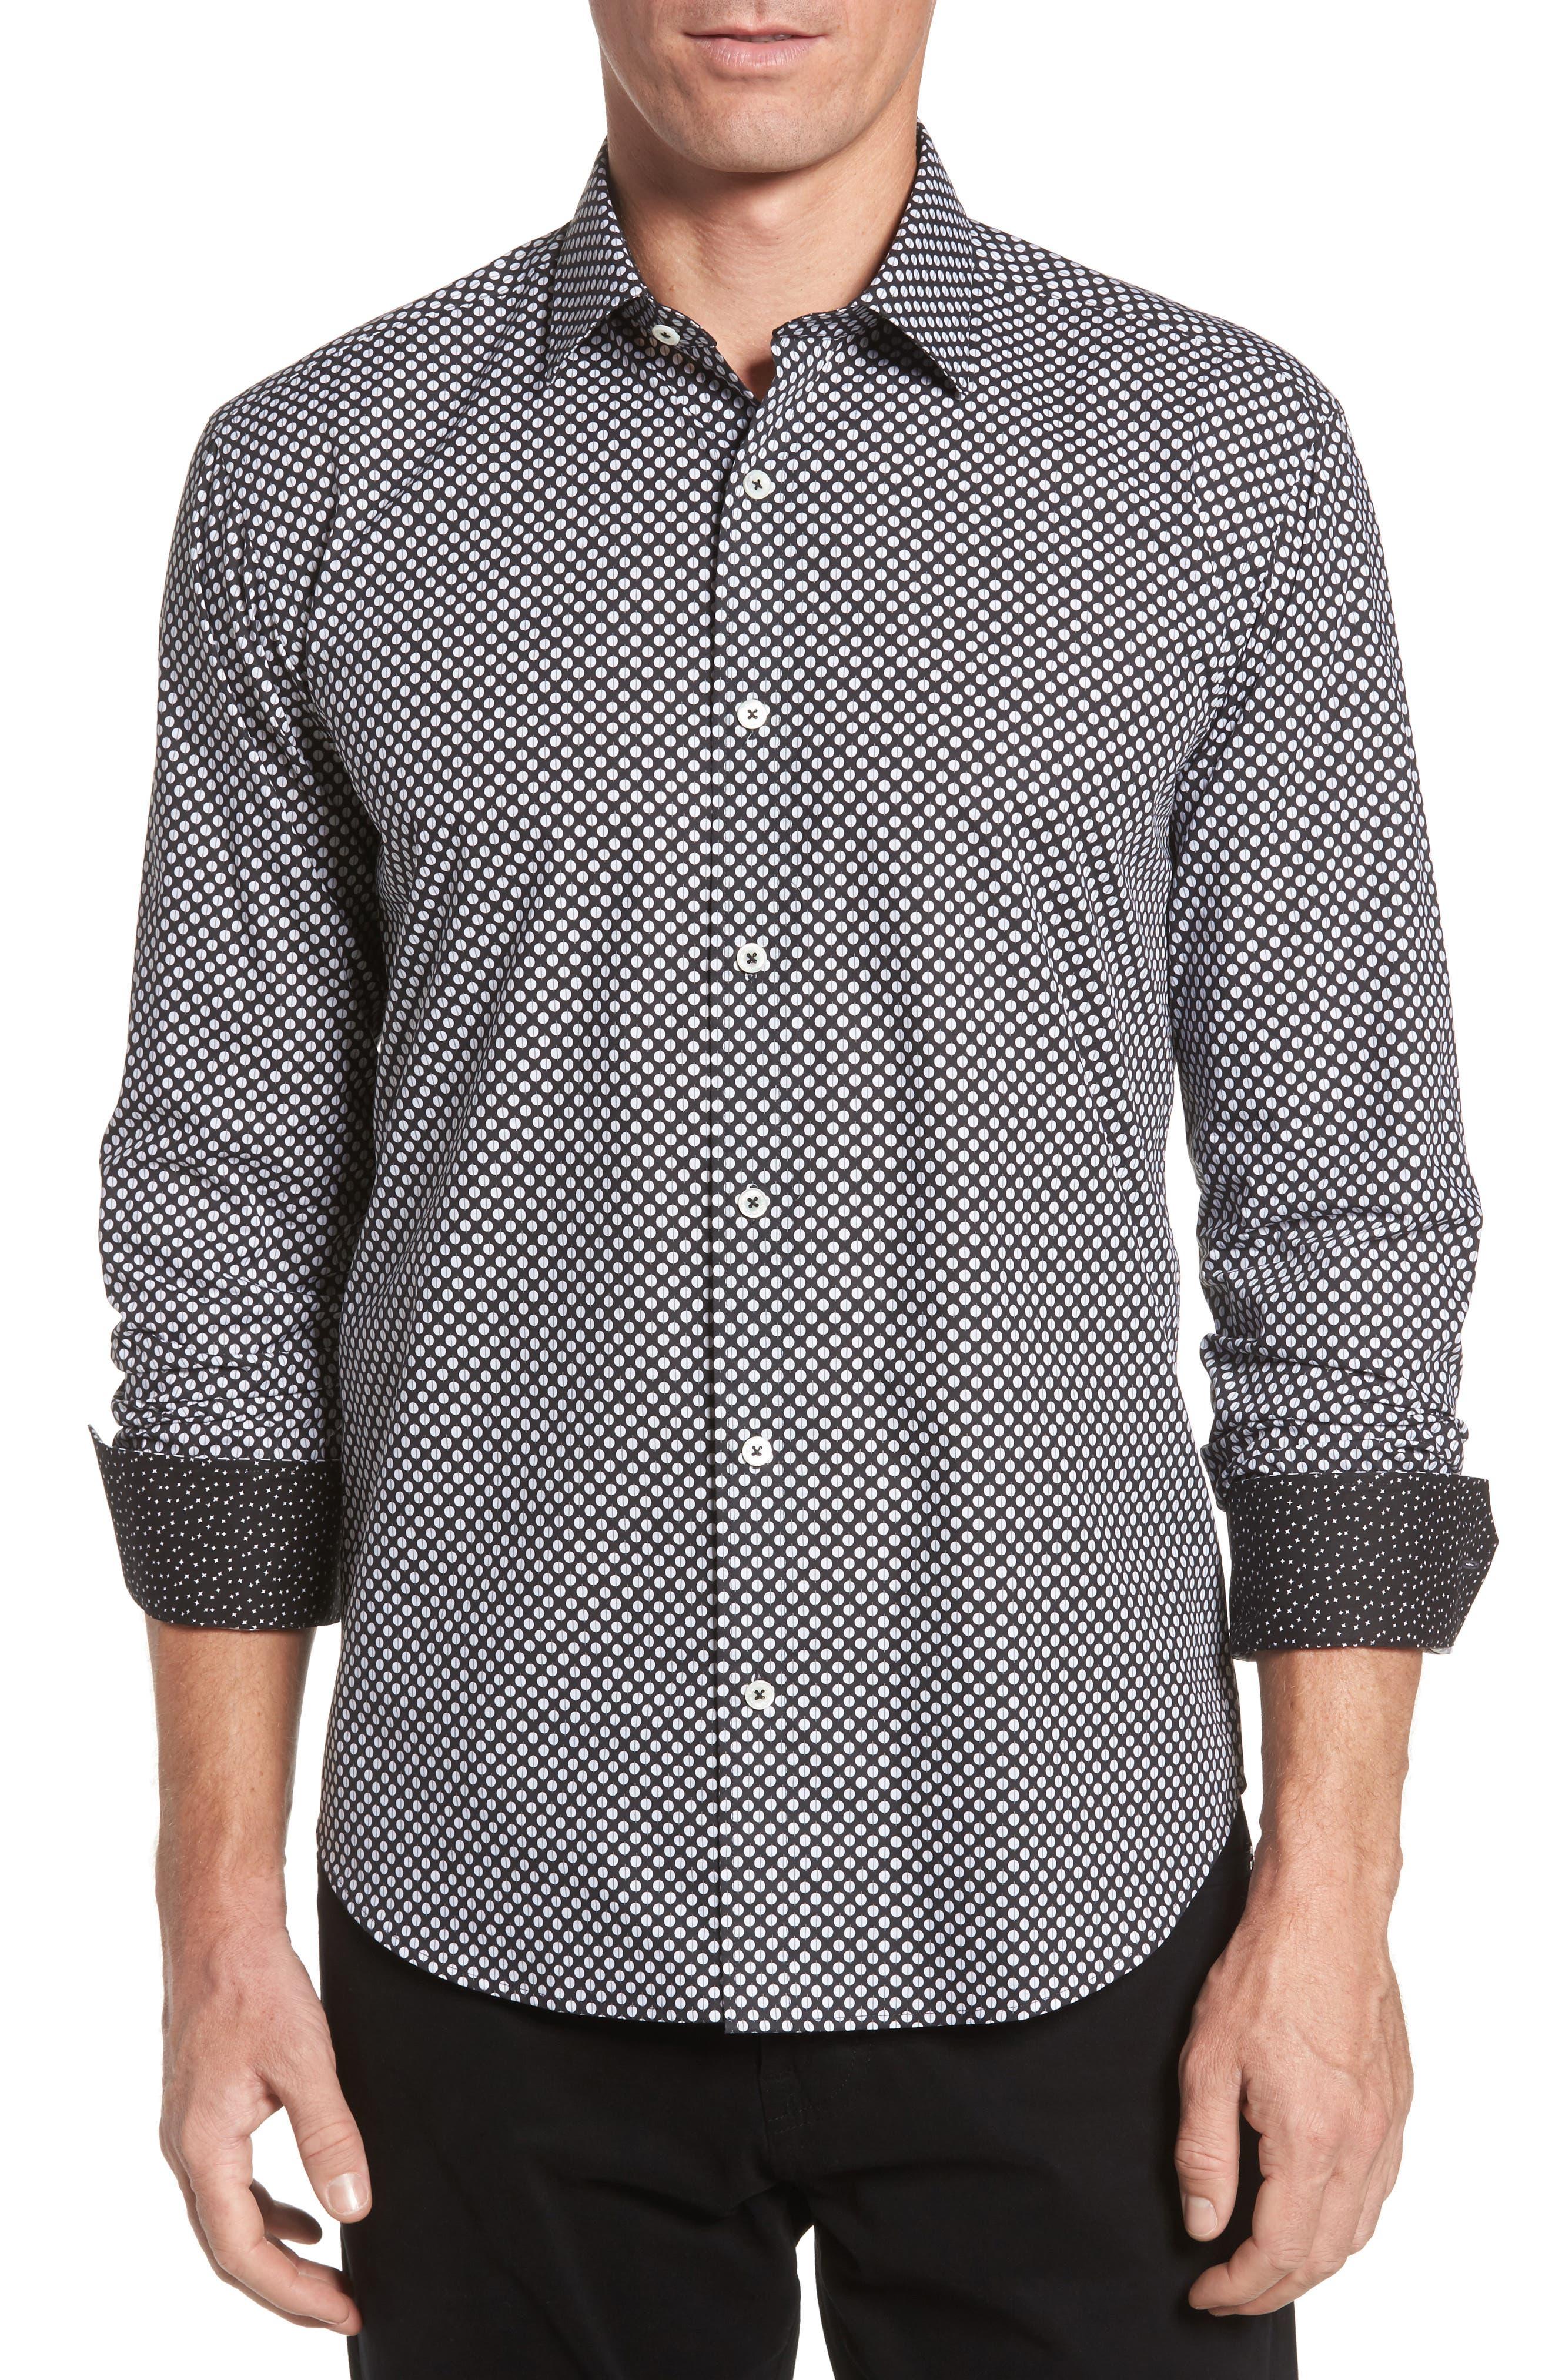 Main Image - Bugatchi Shaped Fit Dot Print Sport Shirt